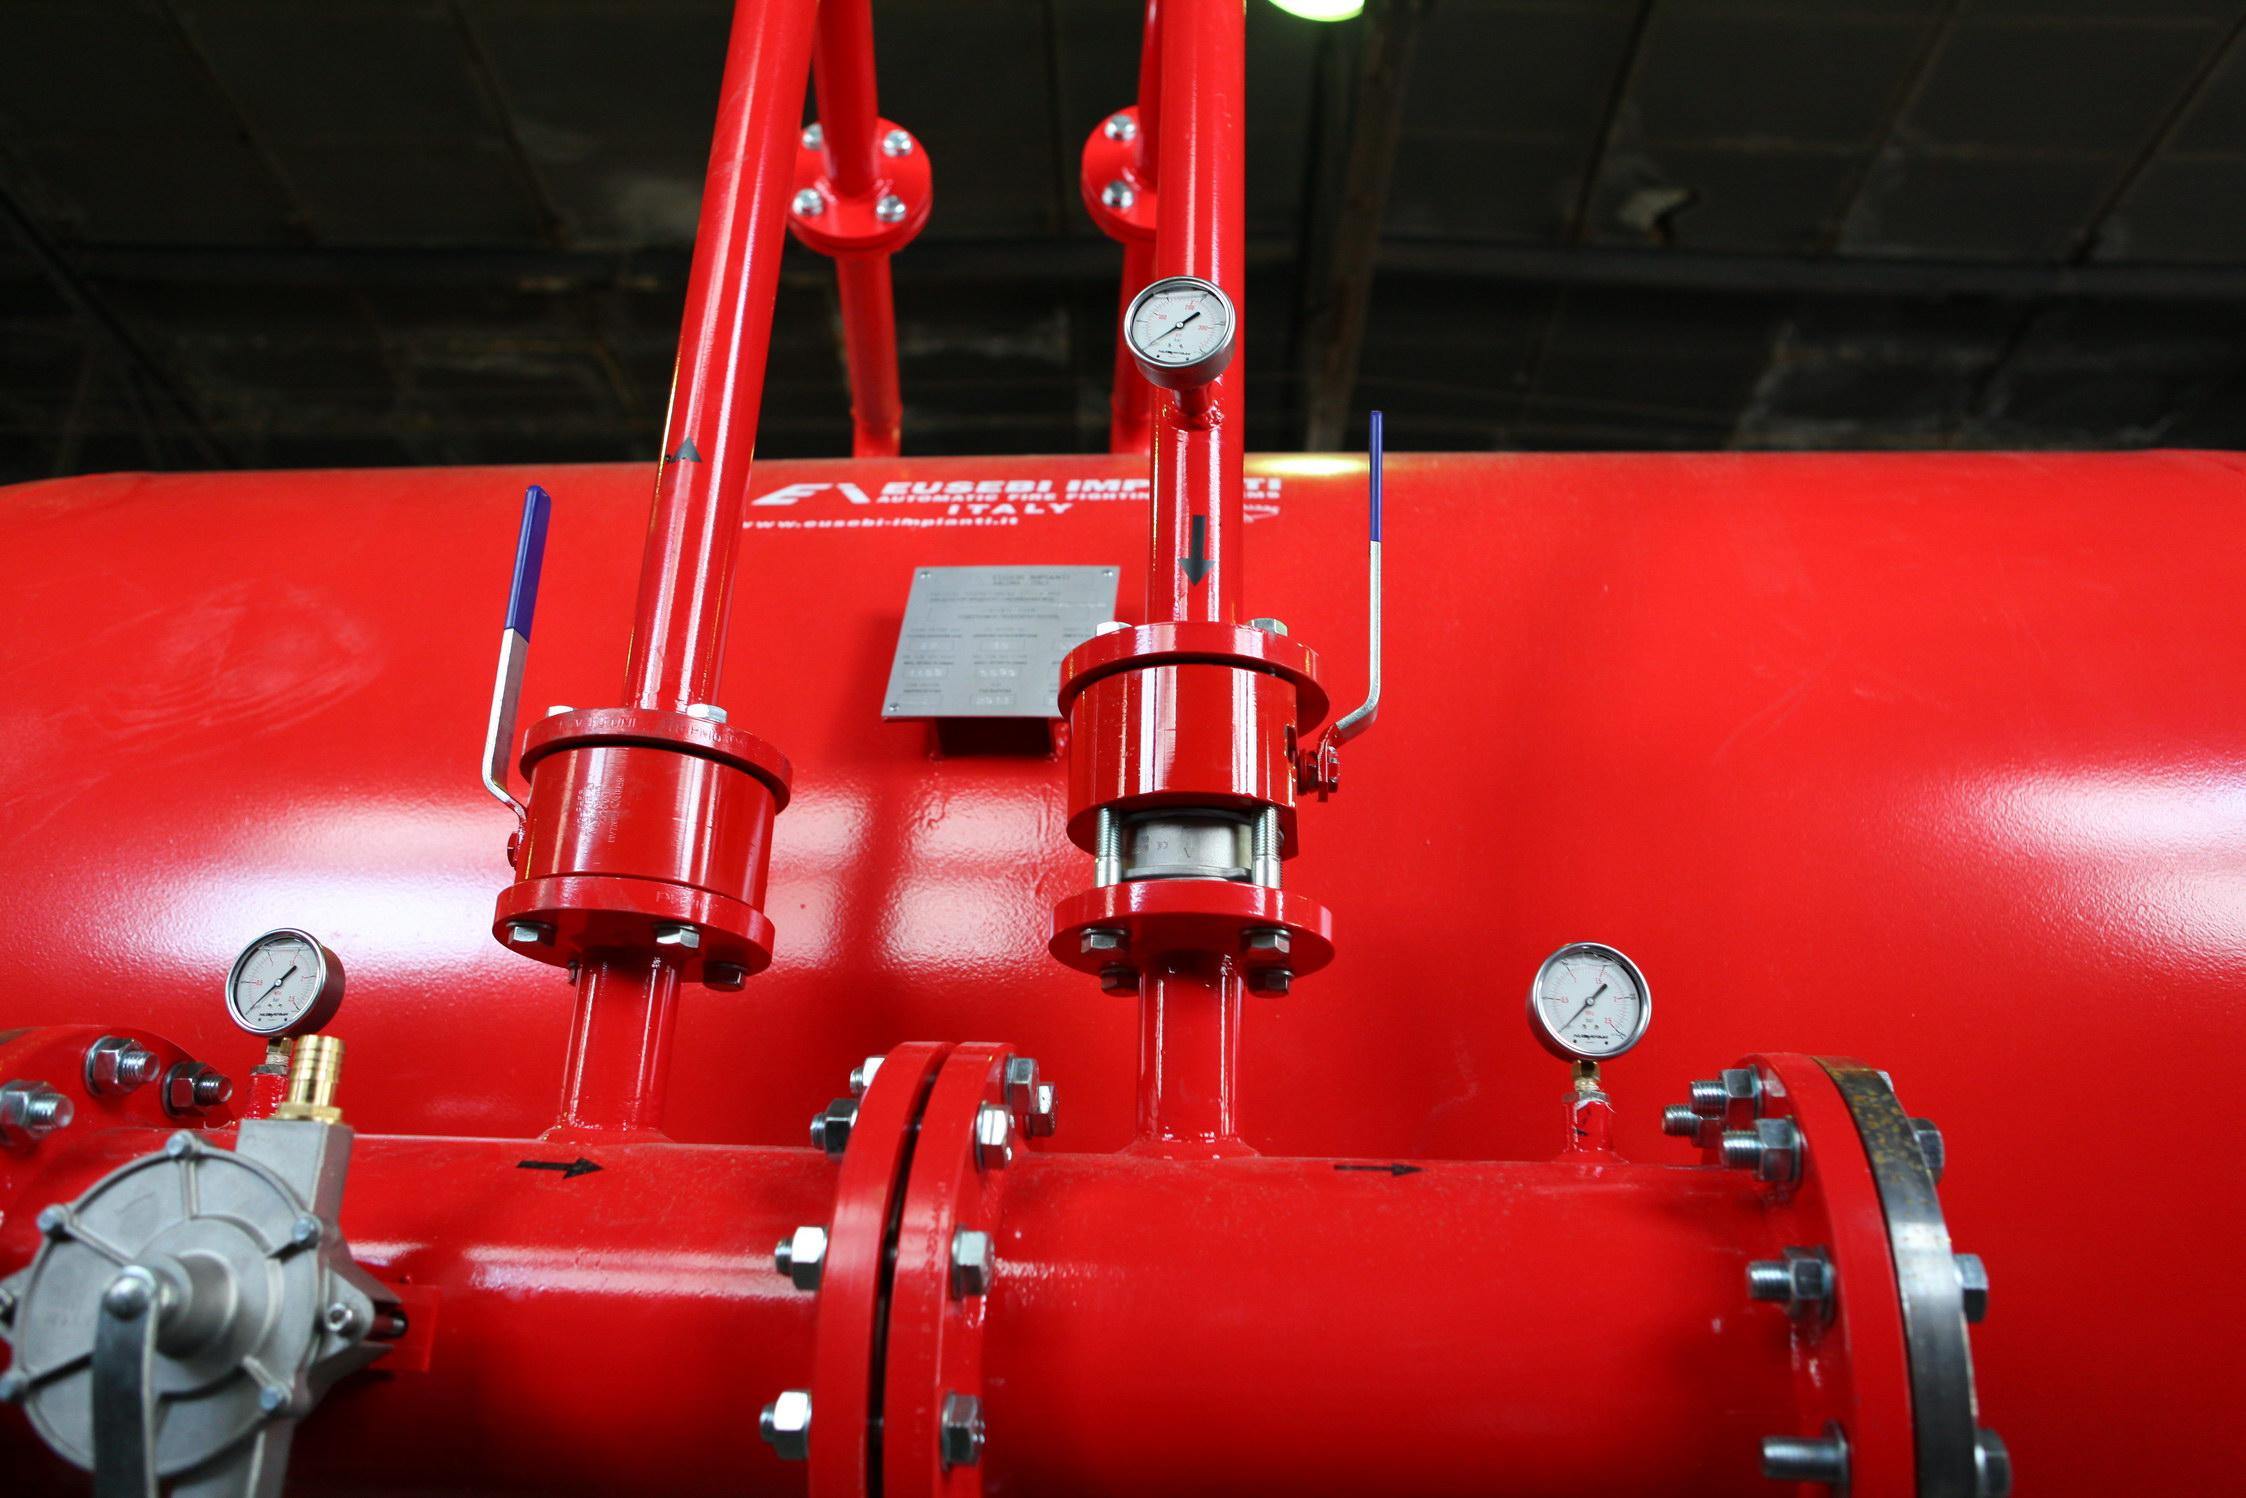 баки дозаторы установки пенного пожаротушения